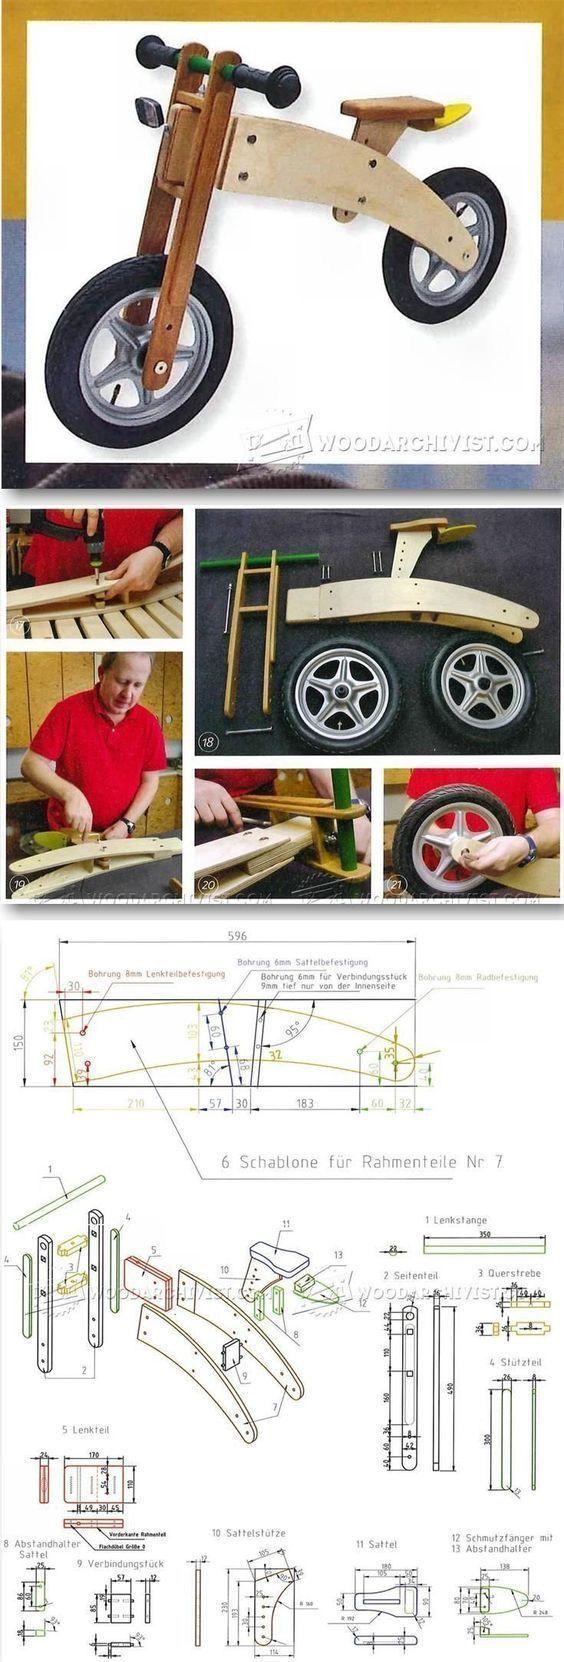 5 kreative Tricks: Holzbearbeitung für Anfänger Kaufen Sie Holz für Anfänger